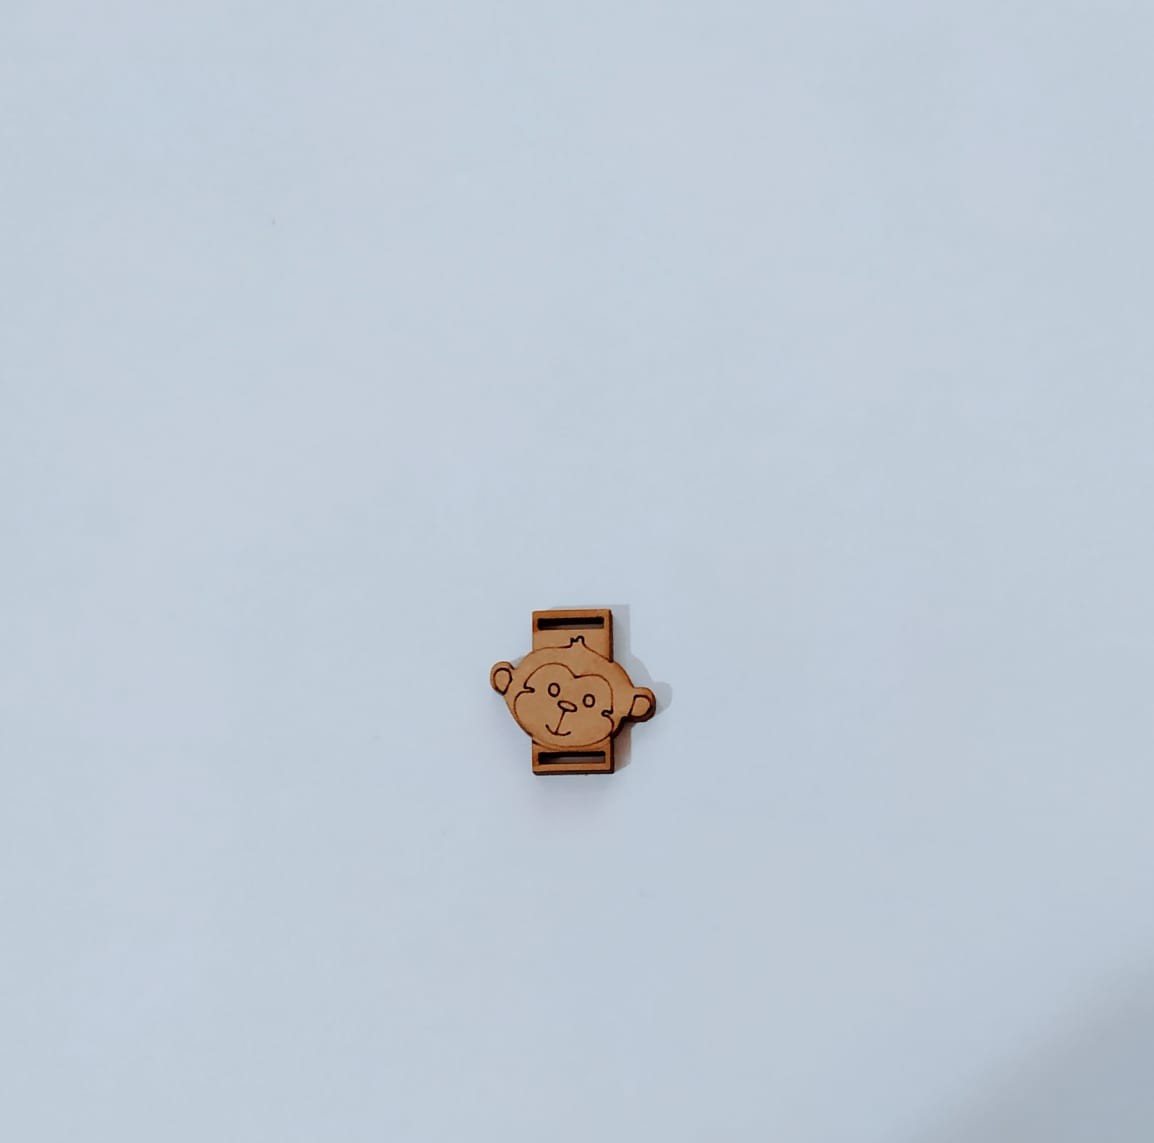 Passante para Elástico - Macaco - 2cm (10 unidades) em MDF